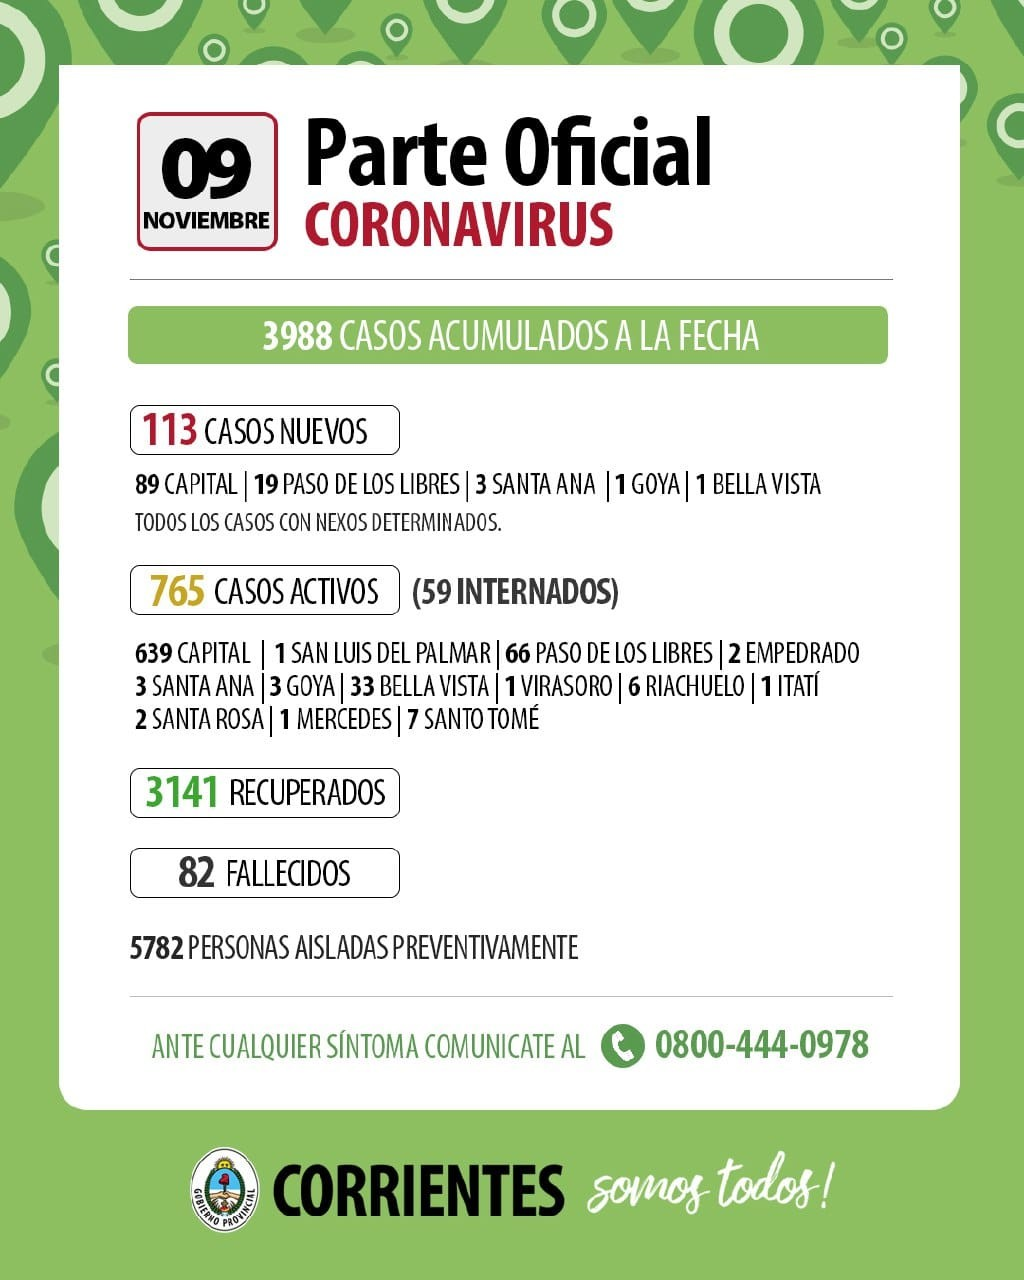 Informan de 113 nuevos casos de coronavirus en Corrientes